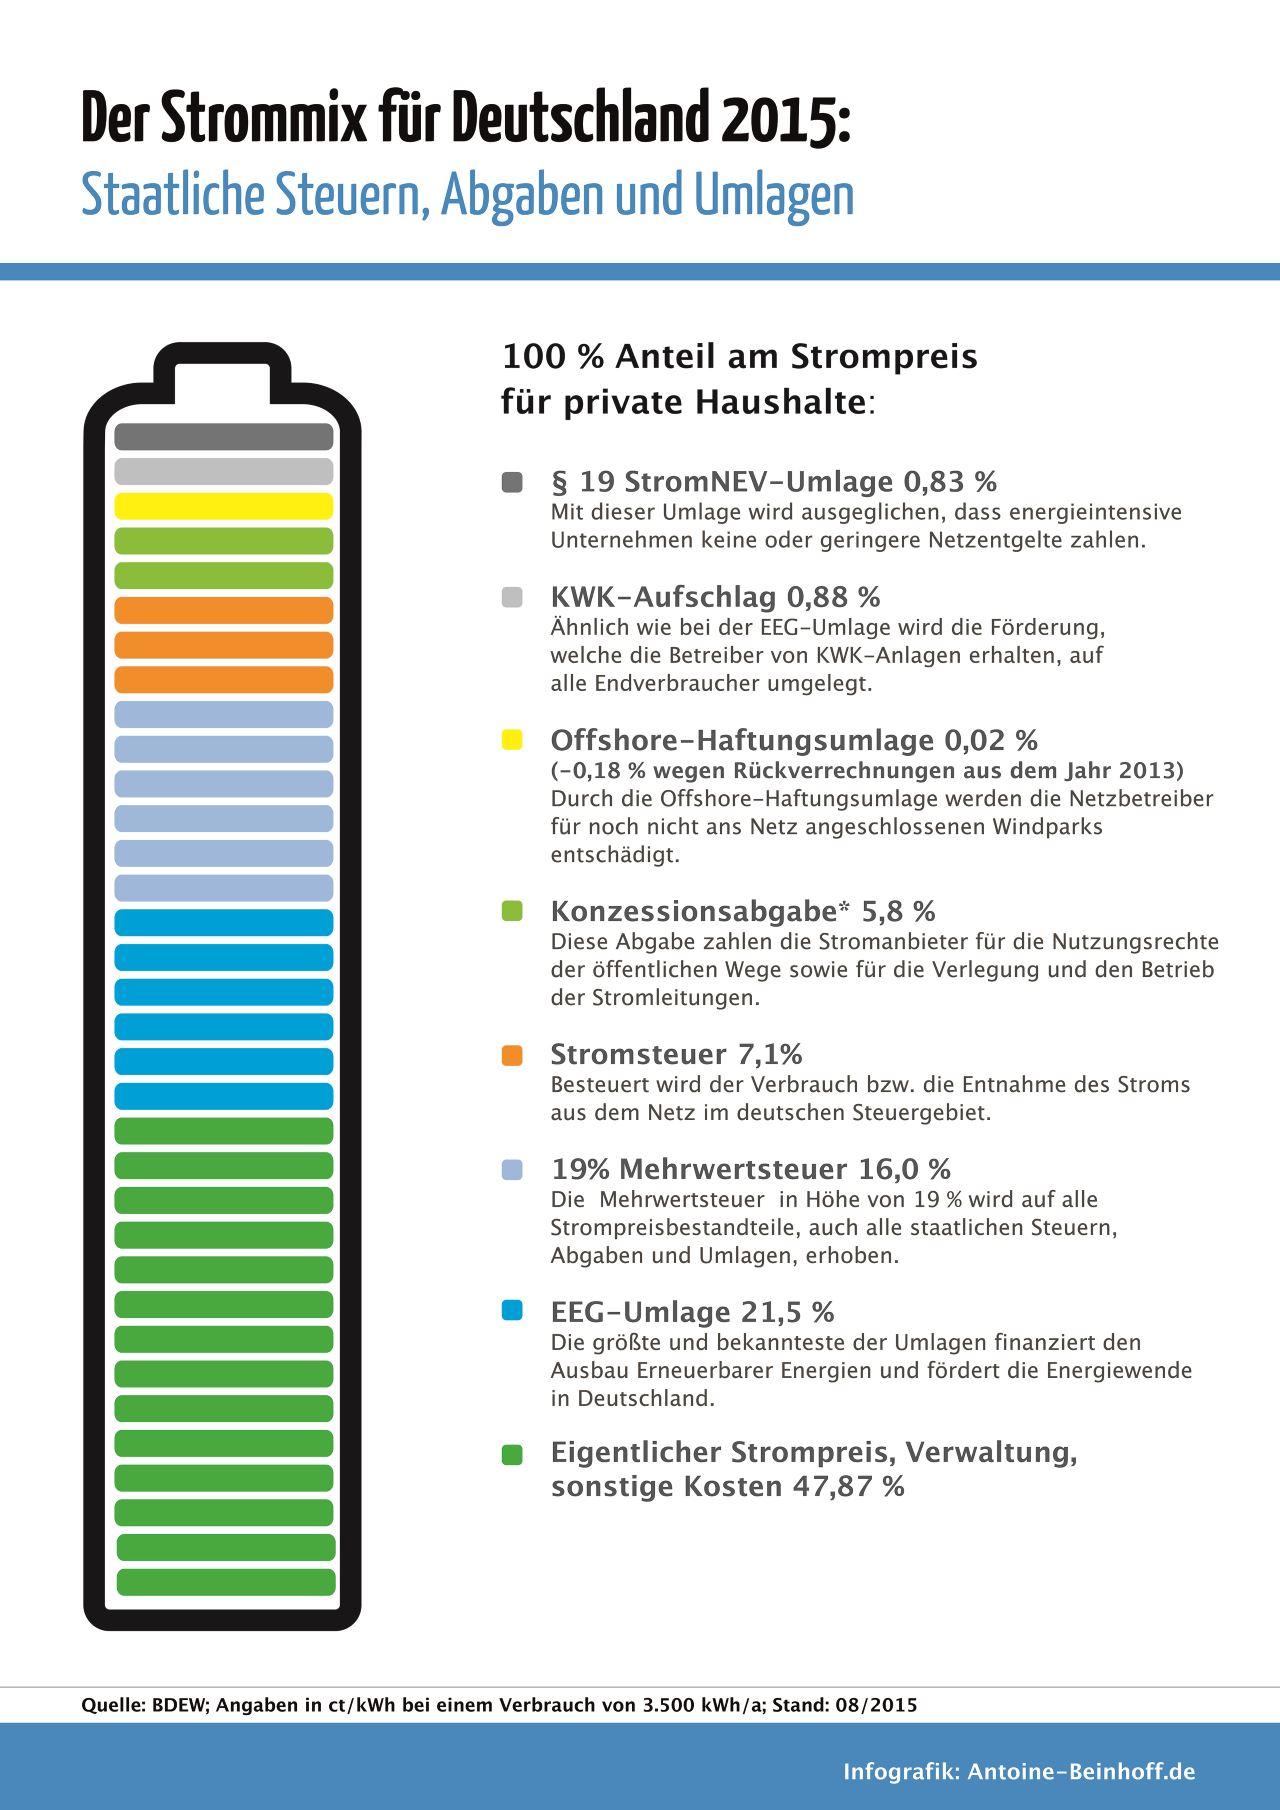 strompreis-2015-antoine-beinhoff-infografik